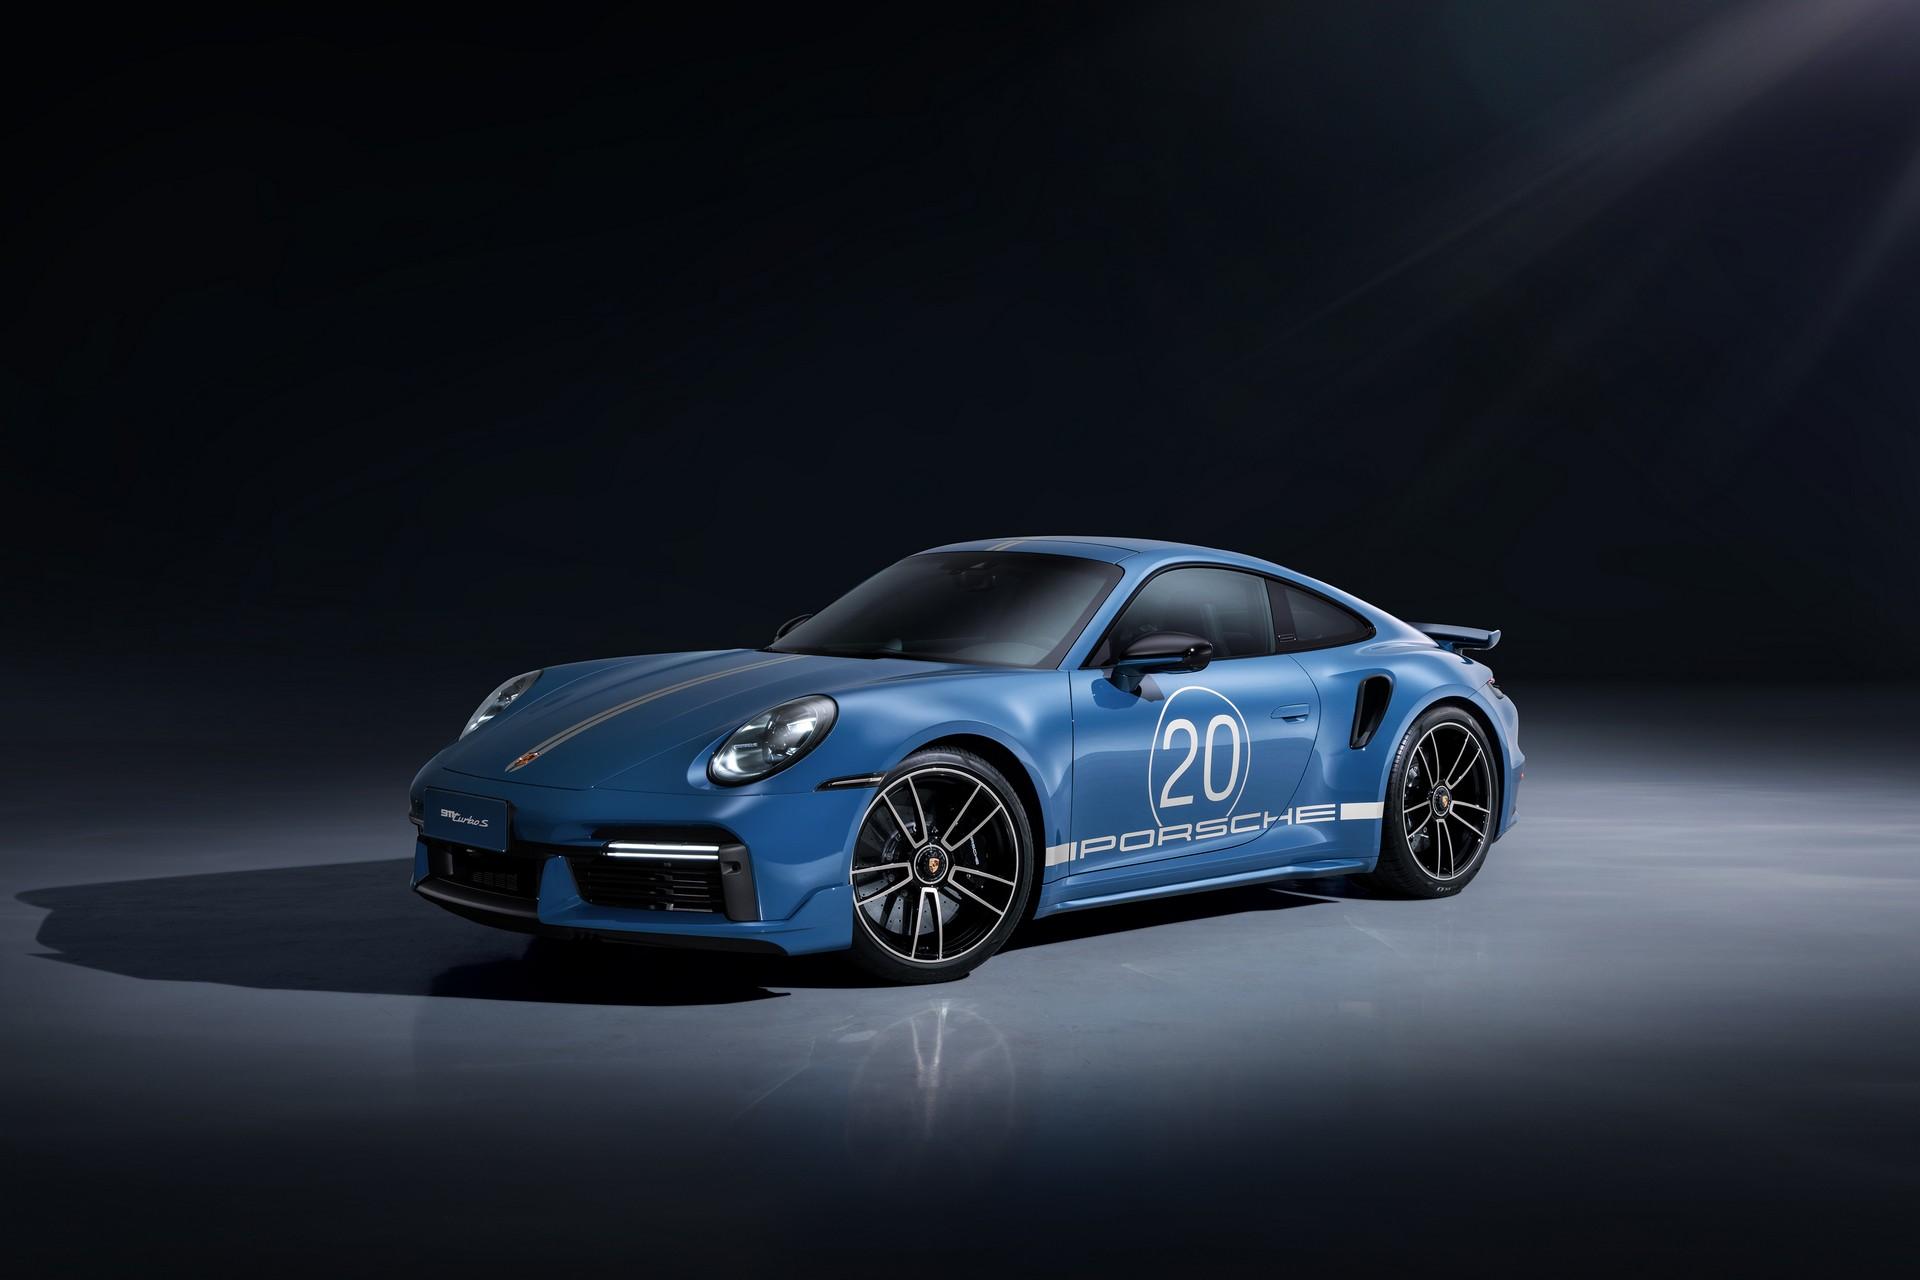 Porsche-911-Turbo-S-20th-Anniversary-Edition-10